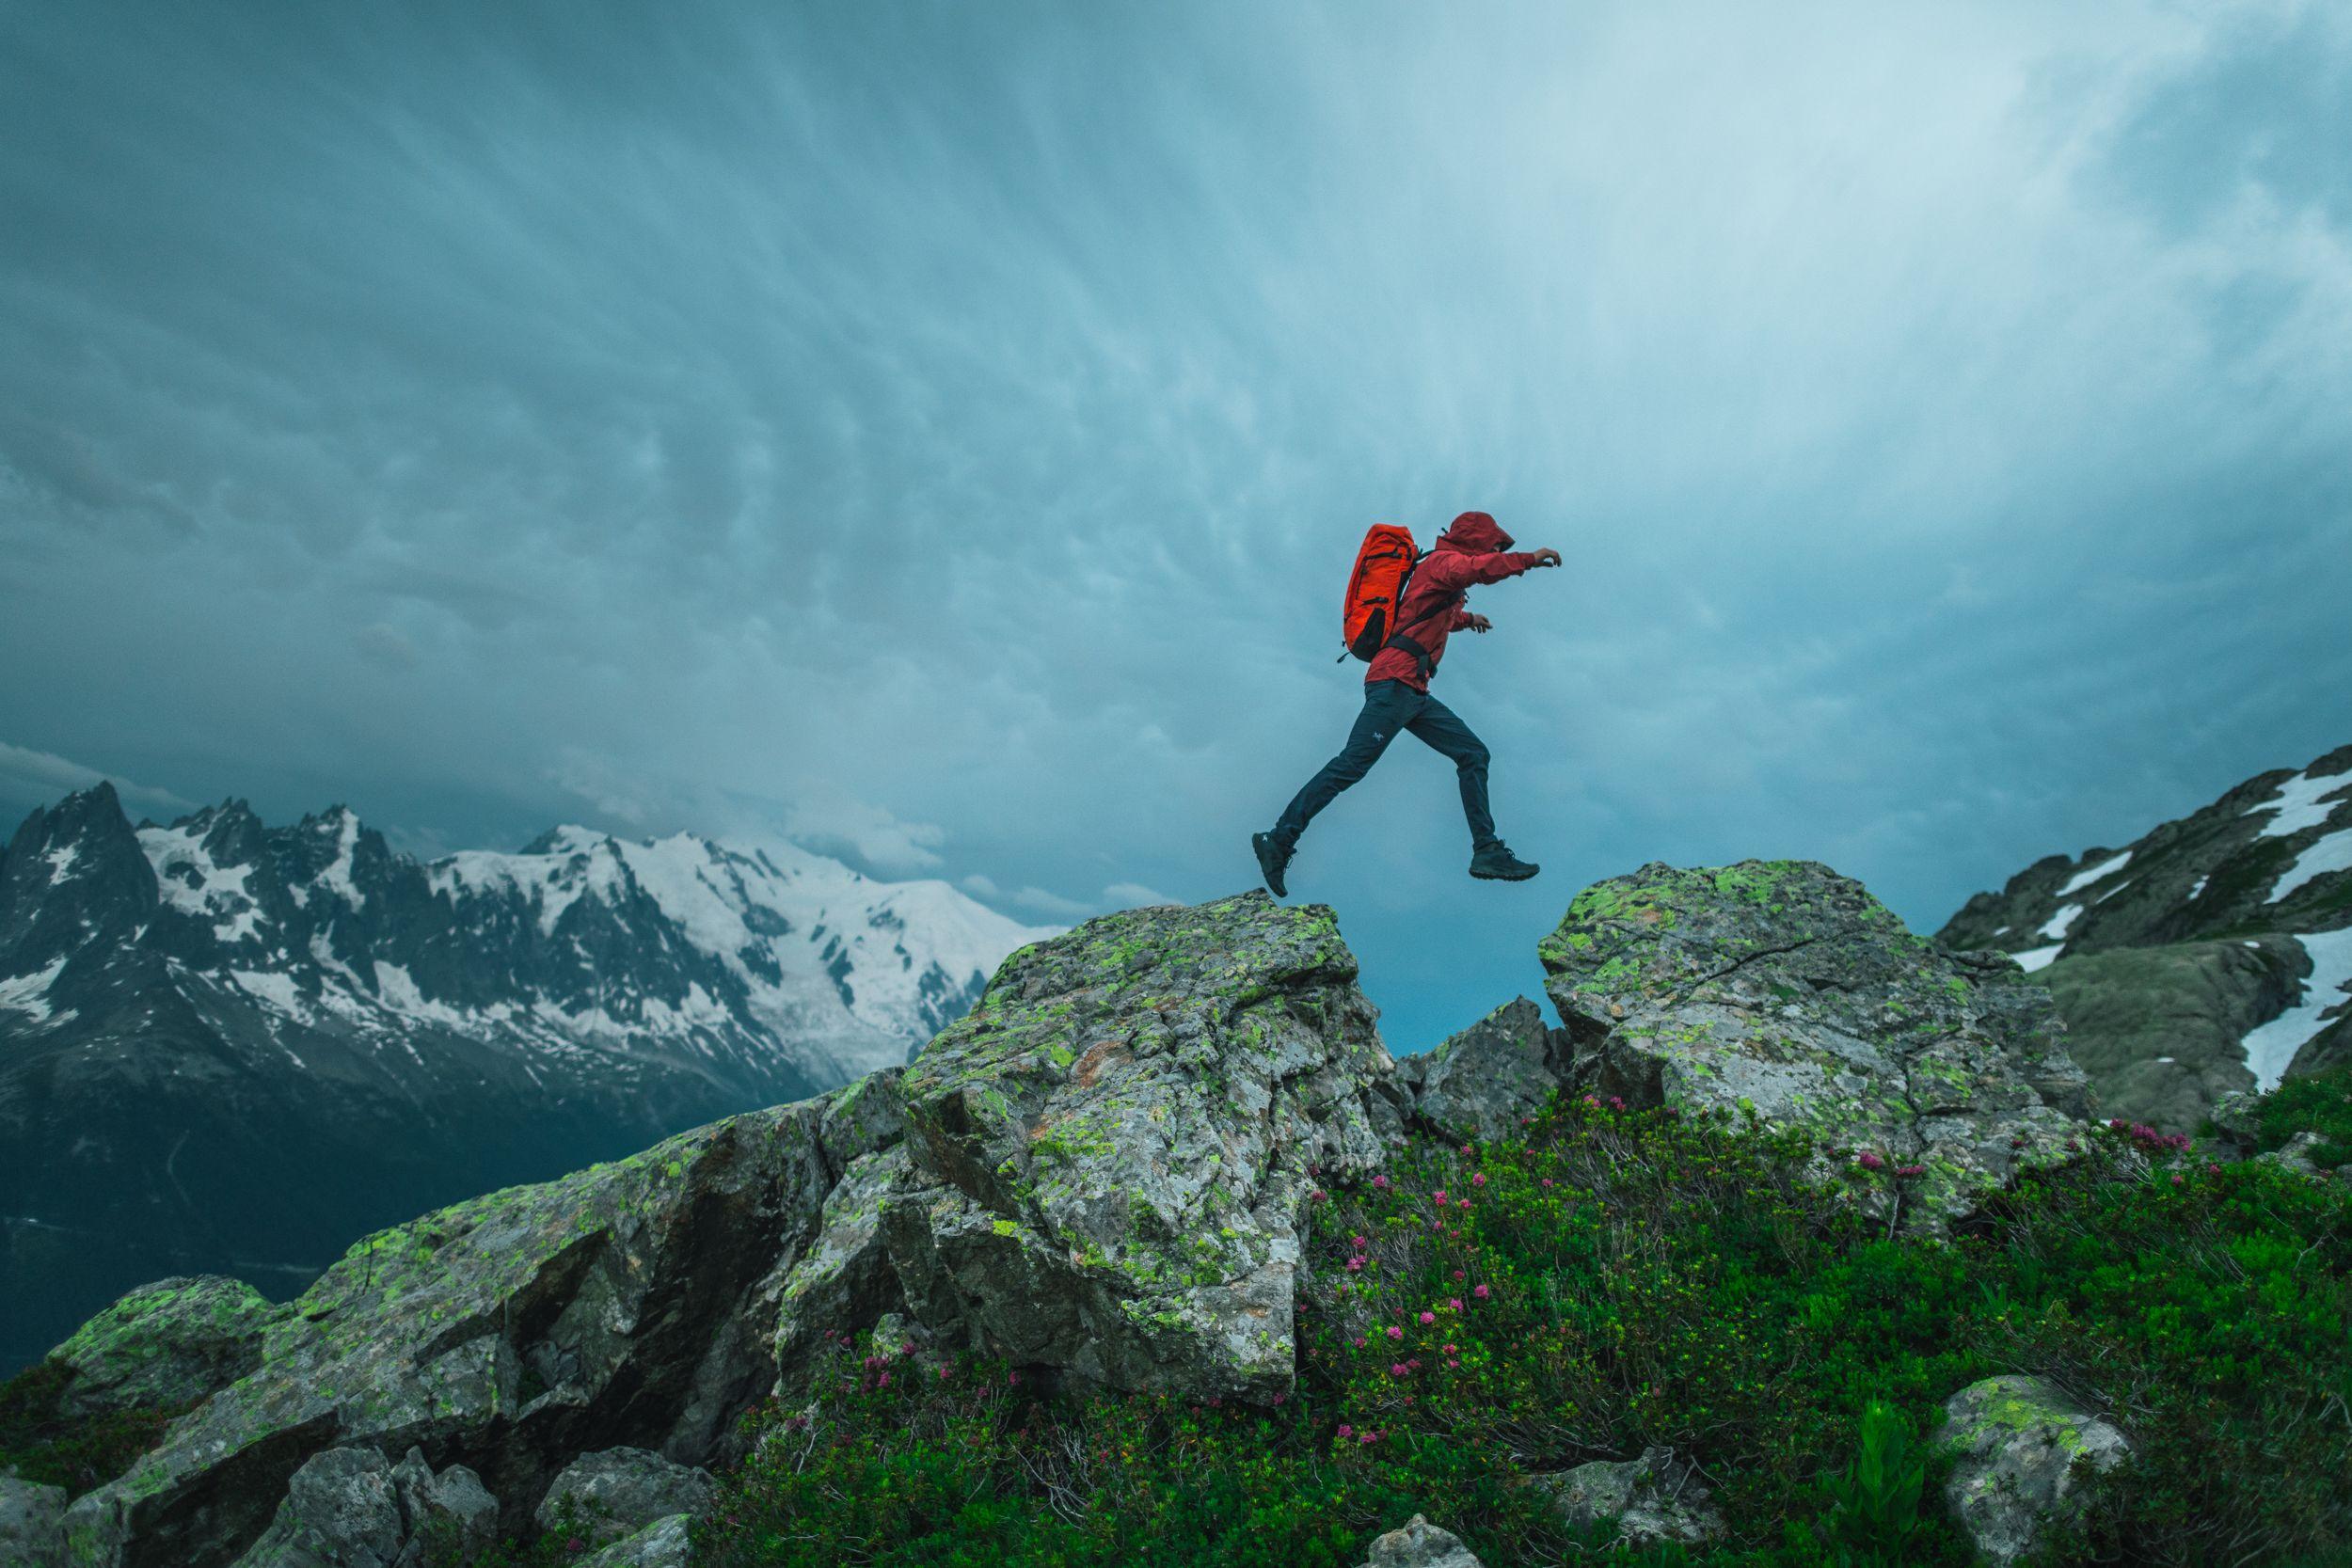 Disposen de materials per a practicar esports de muntanya FOTO: Cedida